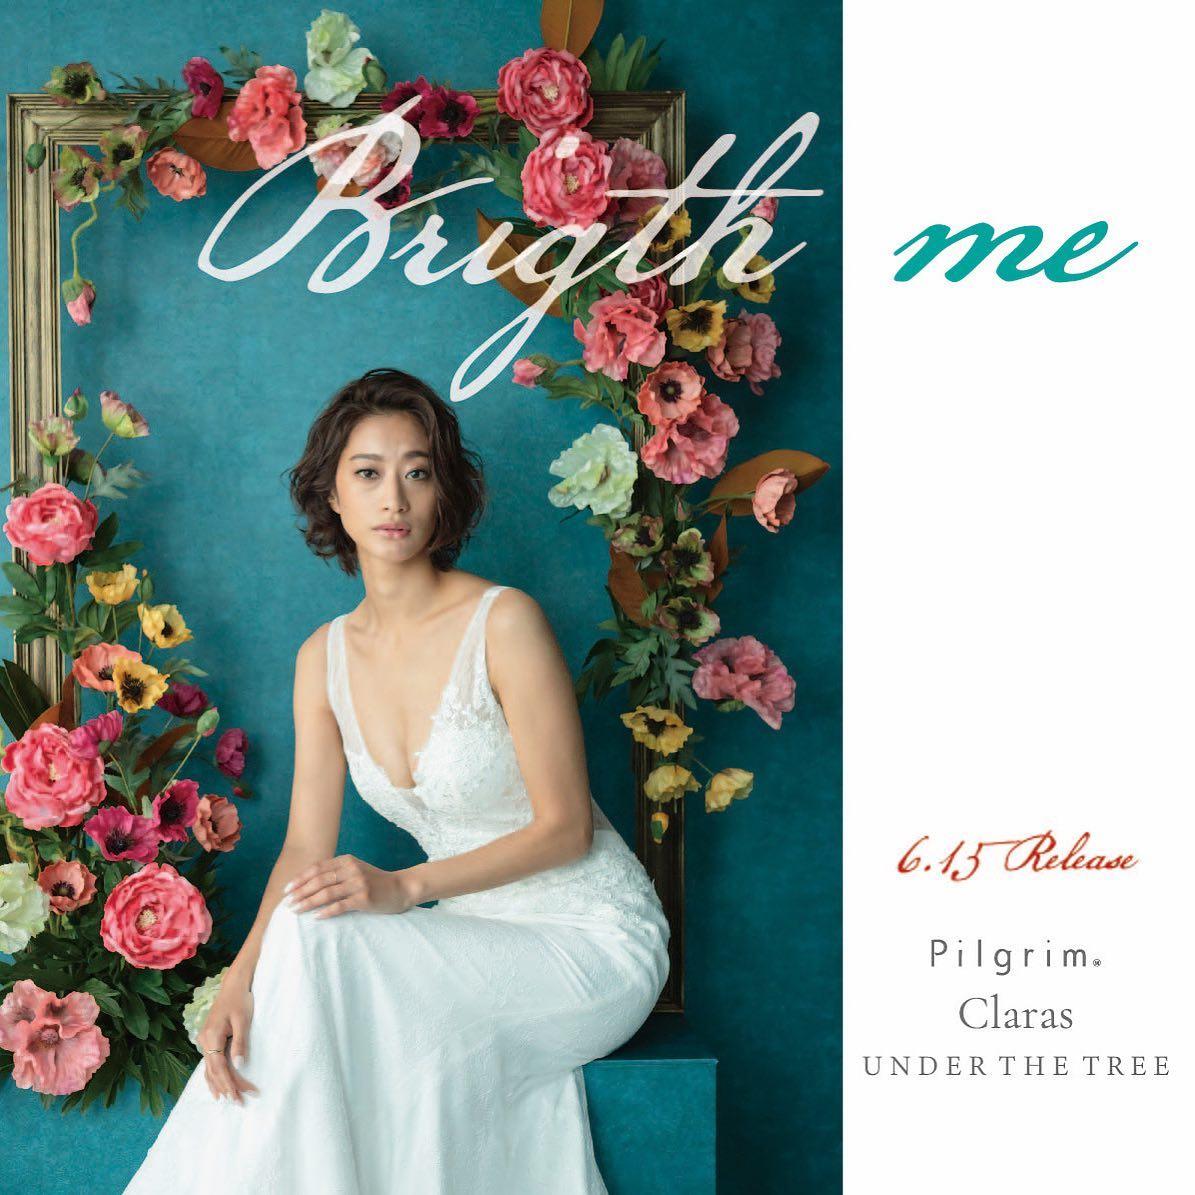 「Bright me」輝く自分の一瞬を特別な肖像画のように写真におさめる・Weddingでも...マタニティでも...成人式でも...還暦でも...特別な日でなくても...「現在(いま)の自分の真の輝きを」スタイリング×ヘアメイク×空間装飾のプロが輝きを引き出してプロデュースし写真へ・いよいよ2021.6.15release♡・🕊問合せ🤍Instagram DMでお気軽にお問合せくださいもしくは下記ドレスサロンまでお電話orメールにてClaras東京都港区北青山2-9-14SISTER10103-6910-5163定休日 月曜日・火曜日・#フォトウエディング #プレ花嫁 #マタニティ #マタニティフォト #プロフィール写真 #プロポーズ #プロポーズされました #婚約しました #婚約 #婚活 #成人式 #還暦 #アニバーサリー #アニバーサリーフォト #lgbt  #前撮り #記念日 #非日常 #ウエディングドレス #運命 #遺影 #家族写真 #バウリニューアル #オリジナル #wedding #weddingdress #weddingphotography #aniversary #engagement